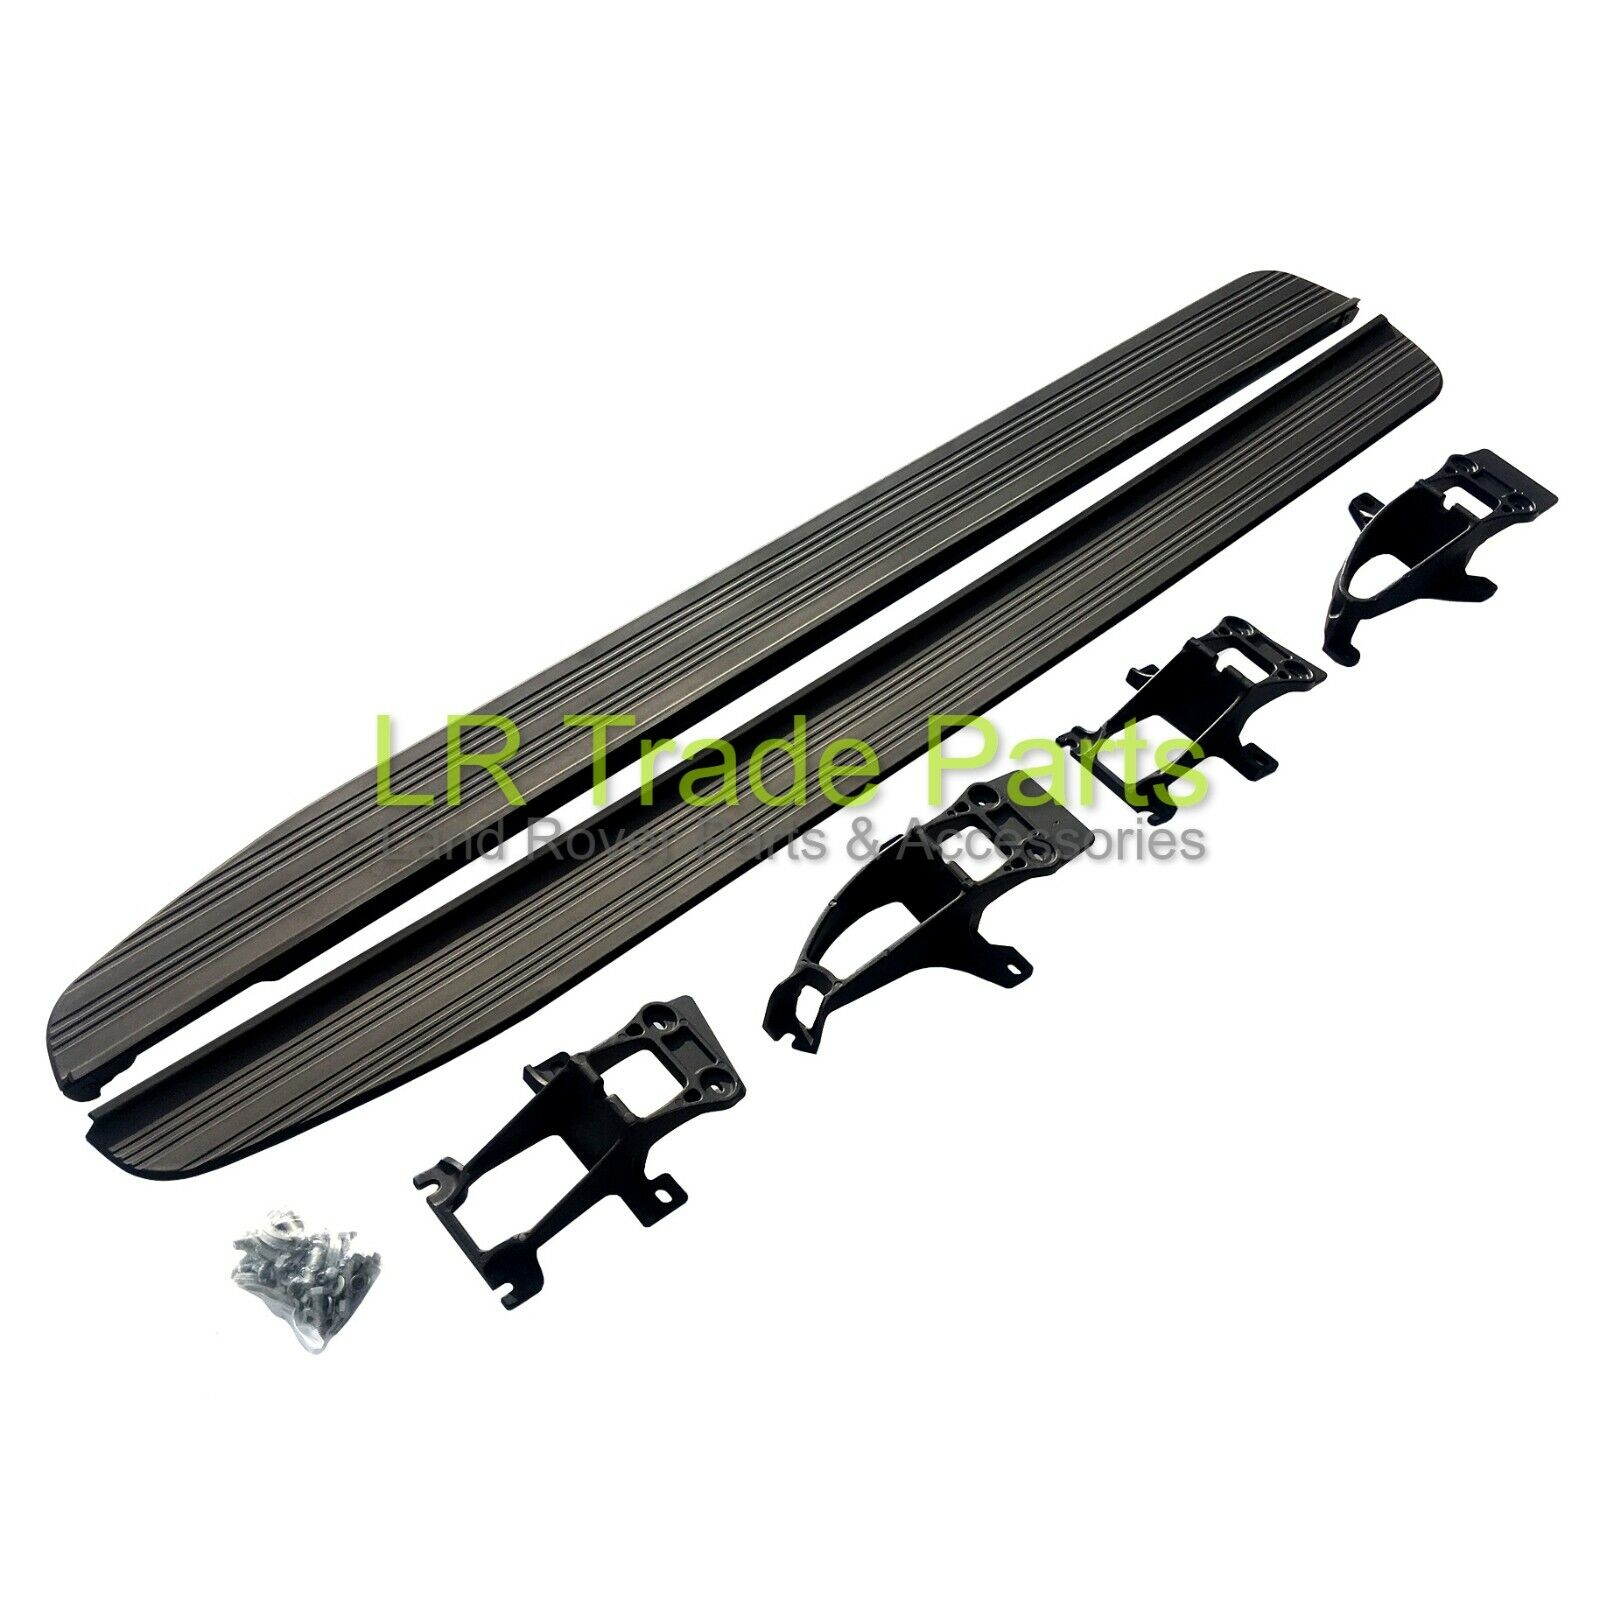 RANGE ROVER L405 SIDE STEPS RANGE ROVER SPORT L494 SIDE STEPS VPLGP0226 2013